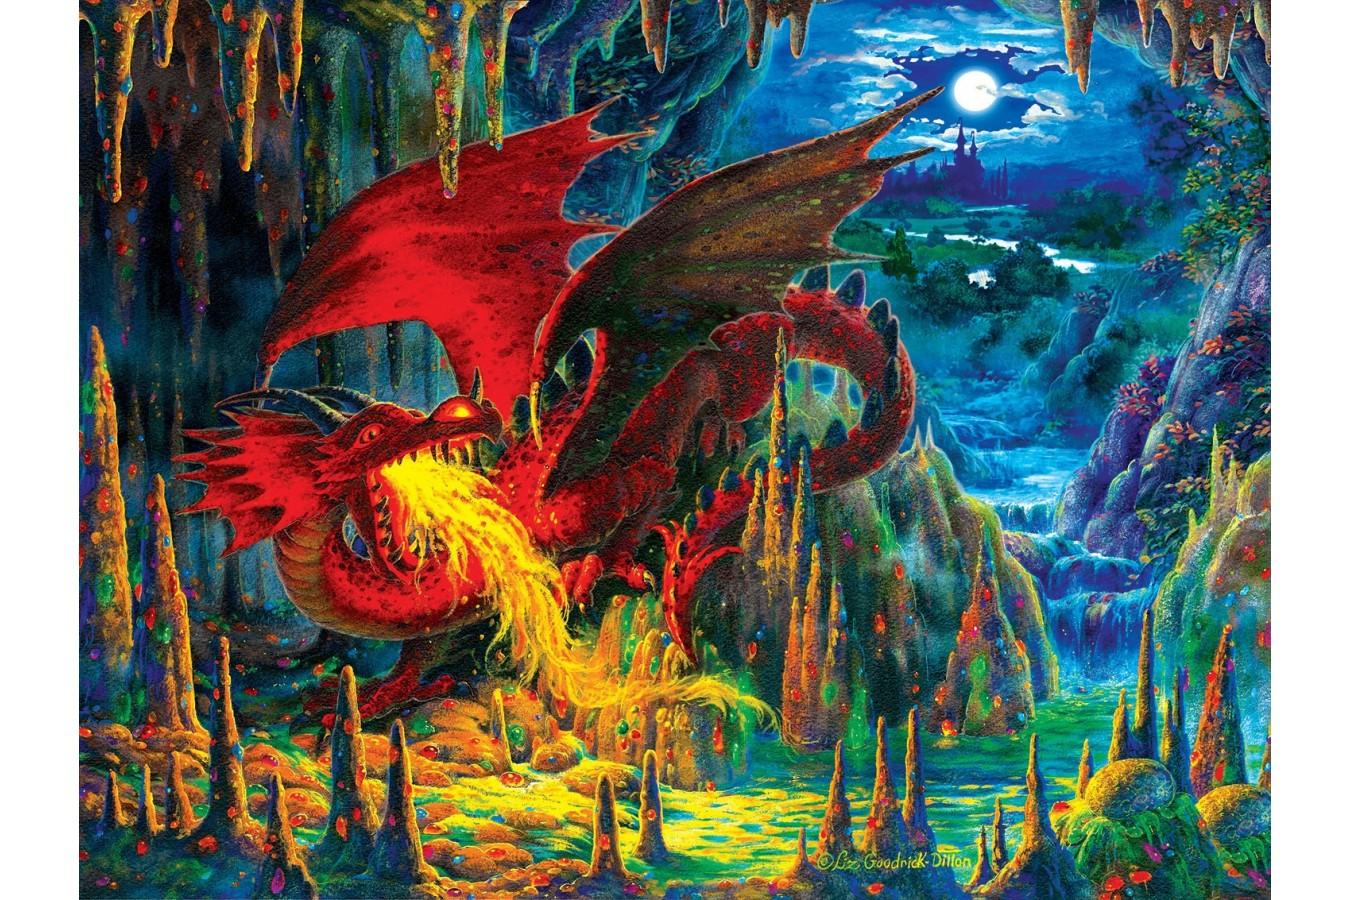 Puzzle SunsOut - Liz Goodrich Dillon: Fire Dragon of Emerald, 500 piese (Sunsout-59775) imagine